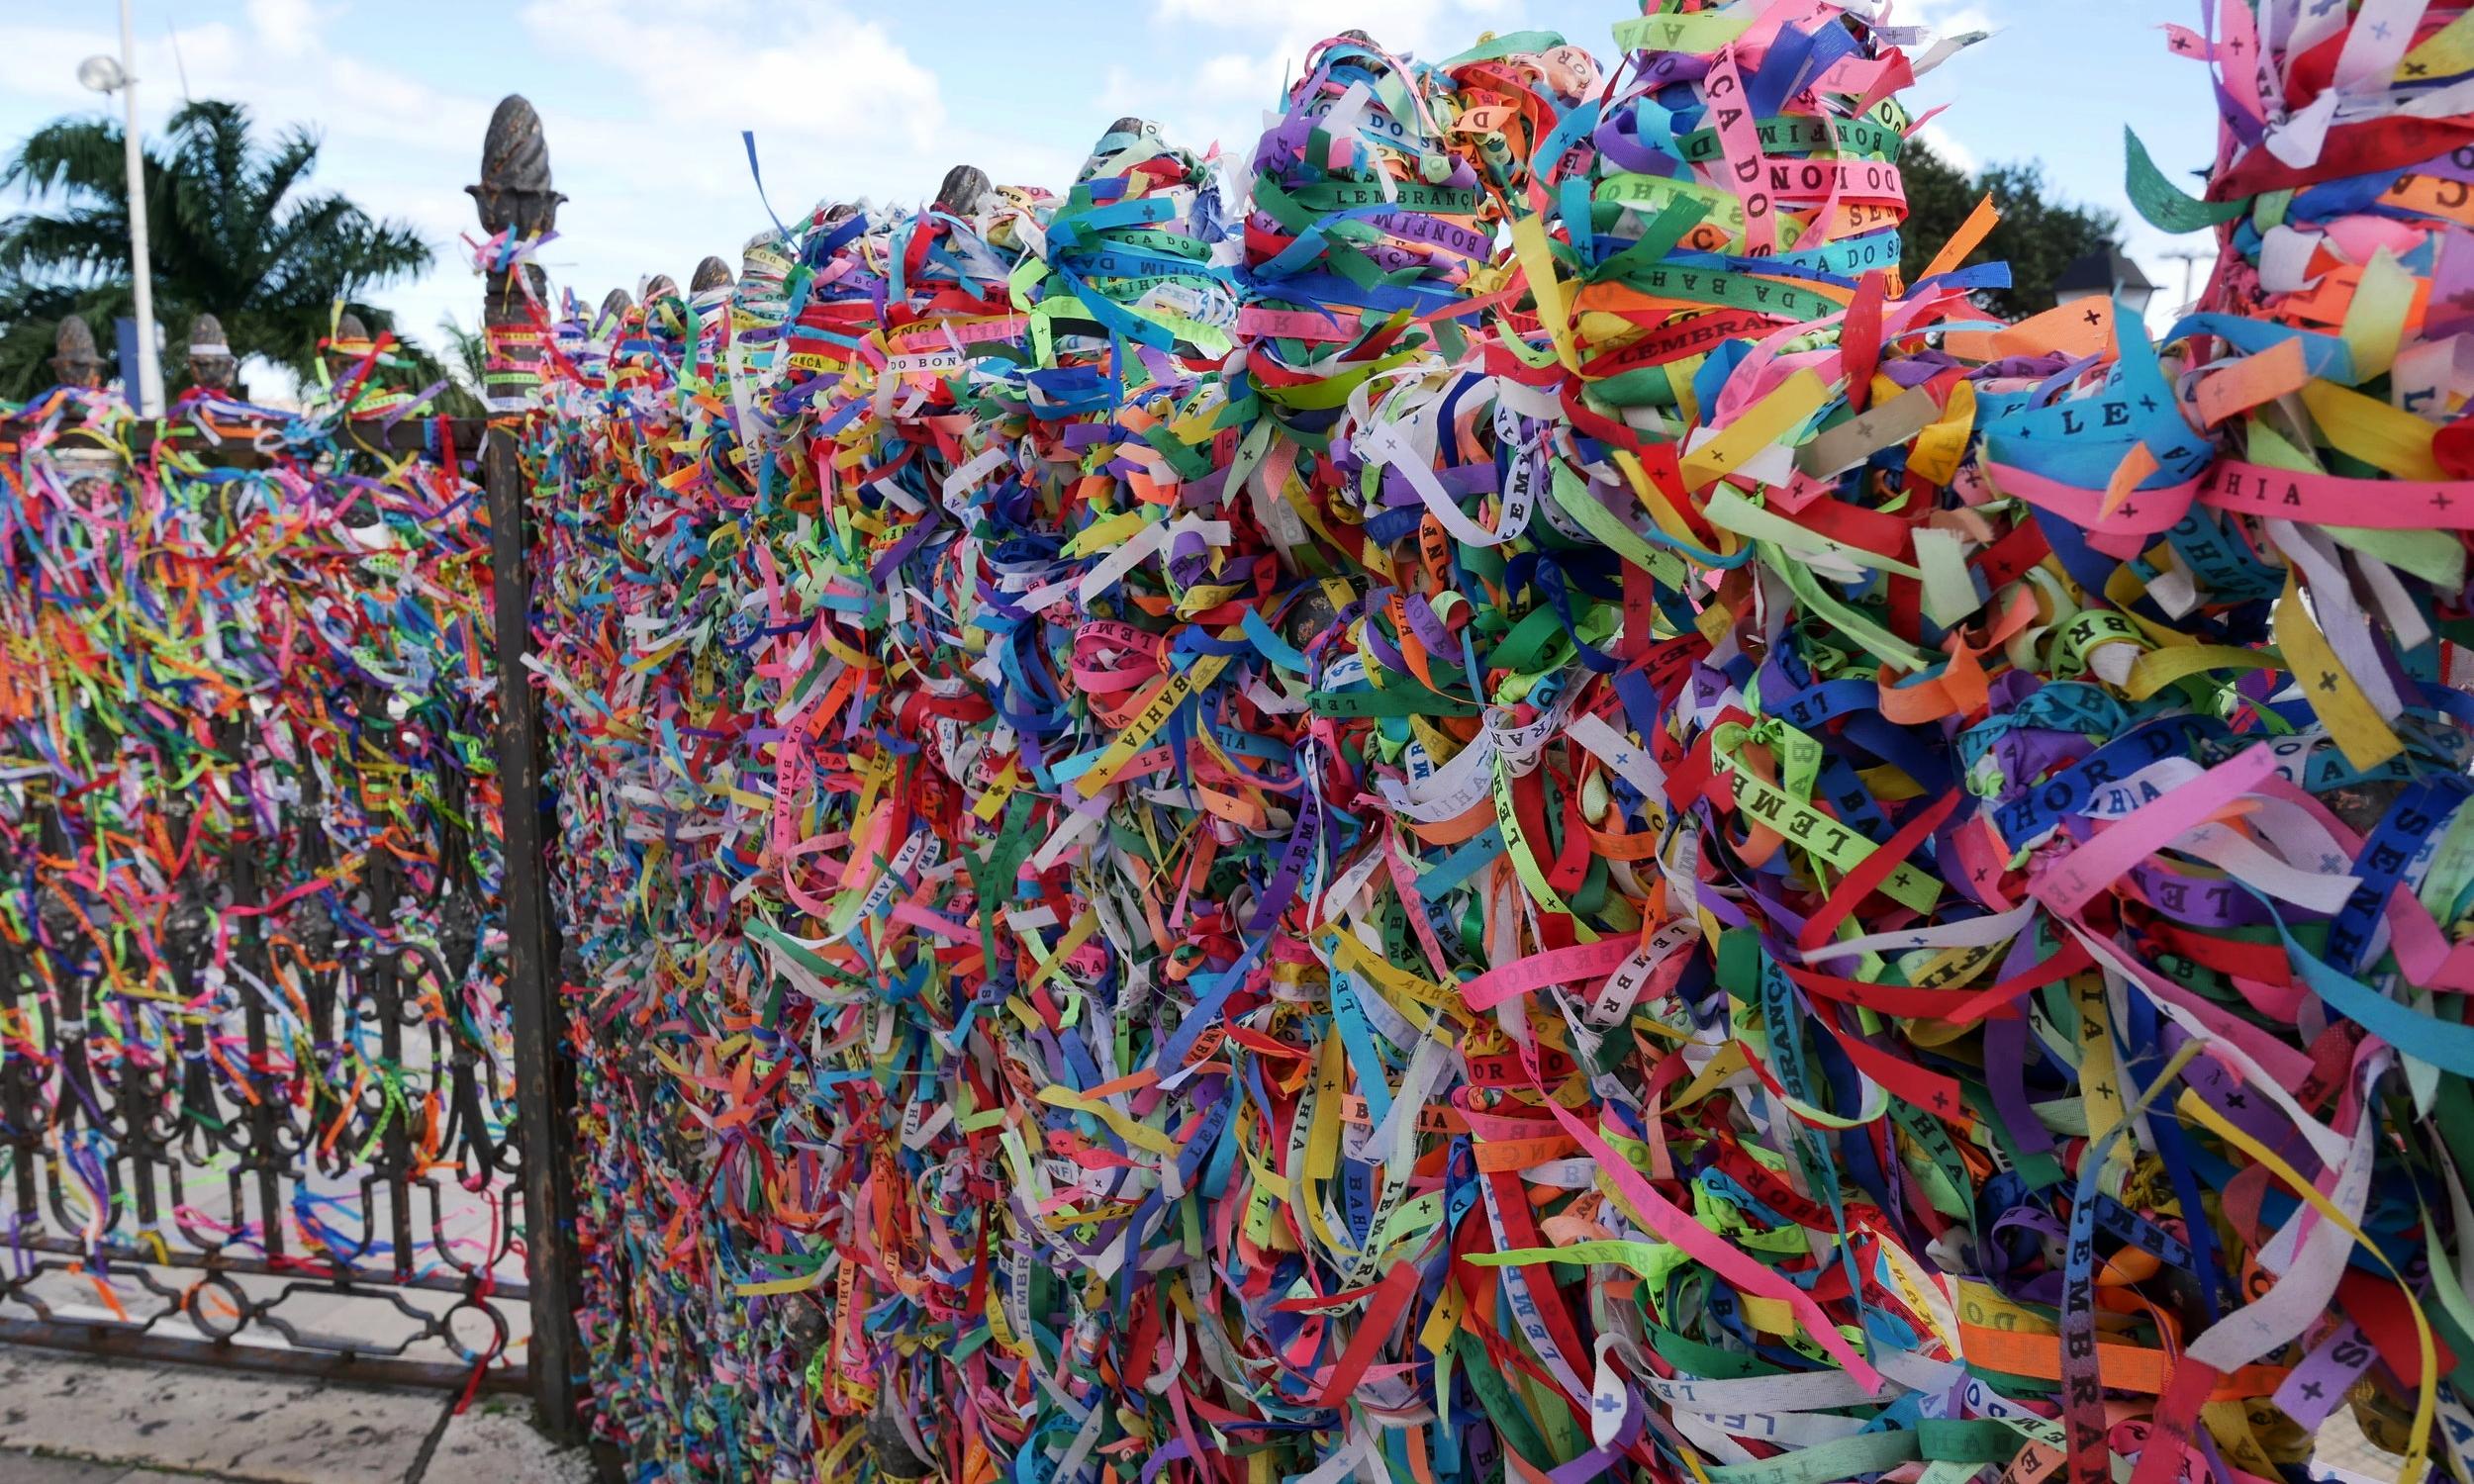 Fitas (ribbons) along the gates of Igreja do Nosso Senhor do Bonfim